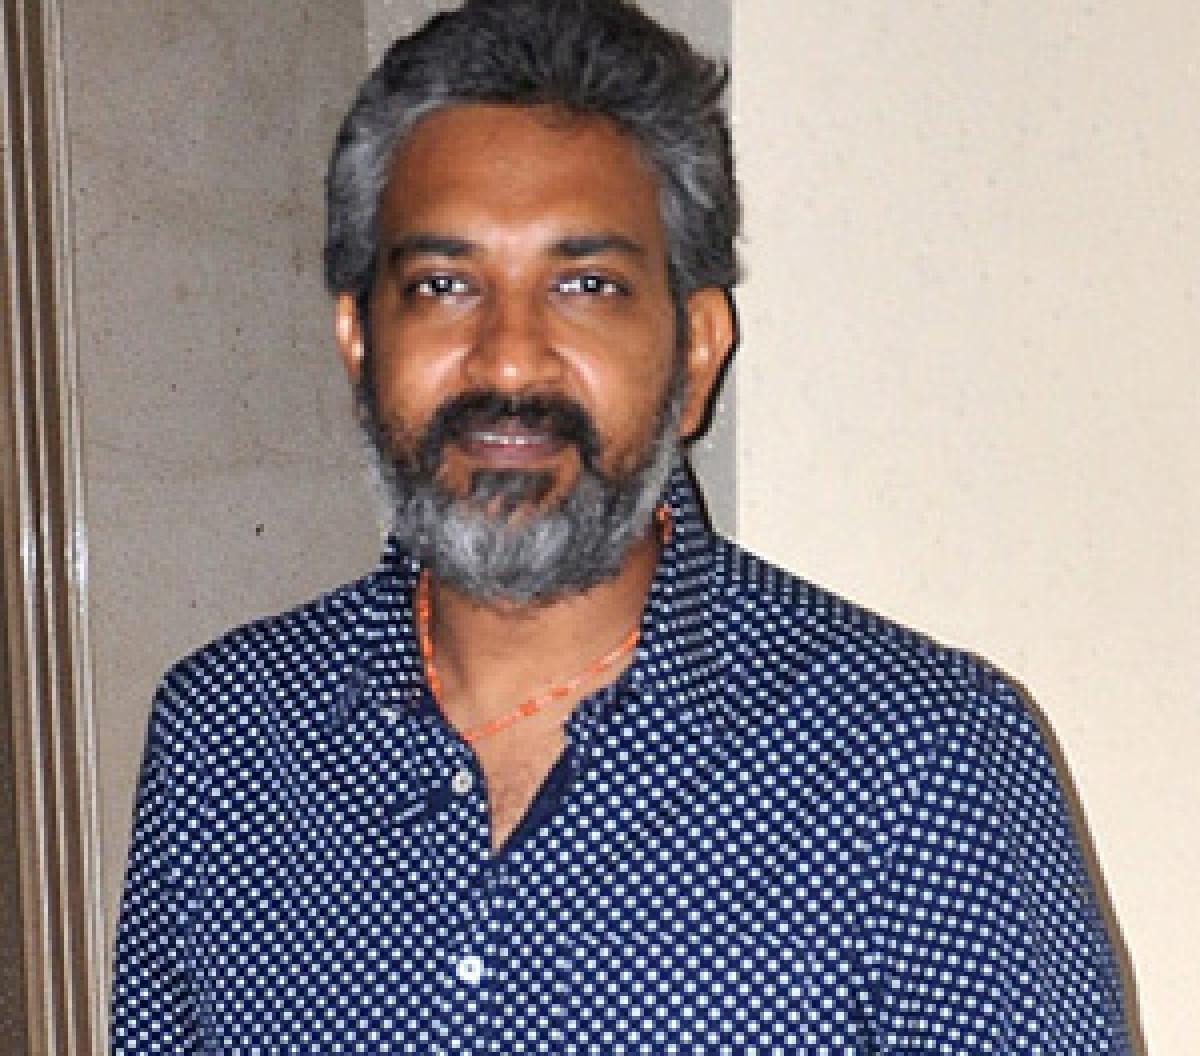 I don't deserve Padma Shri, opines Rajamouli